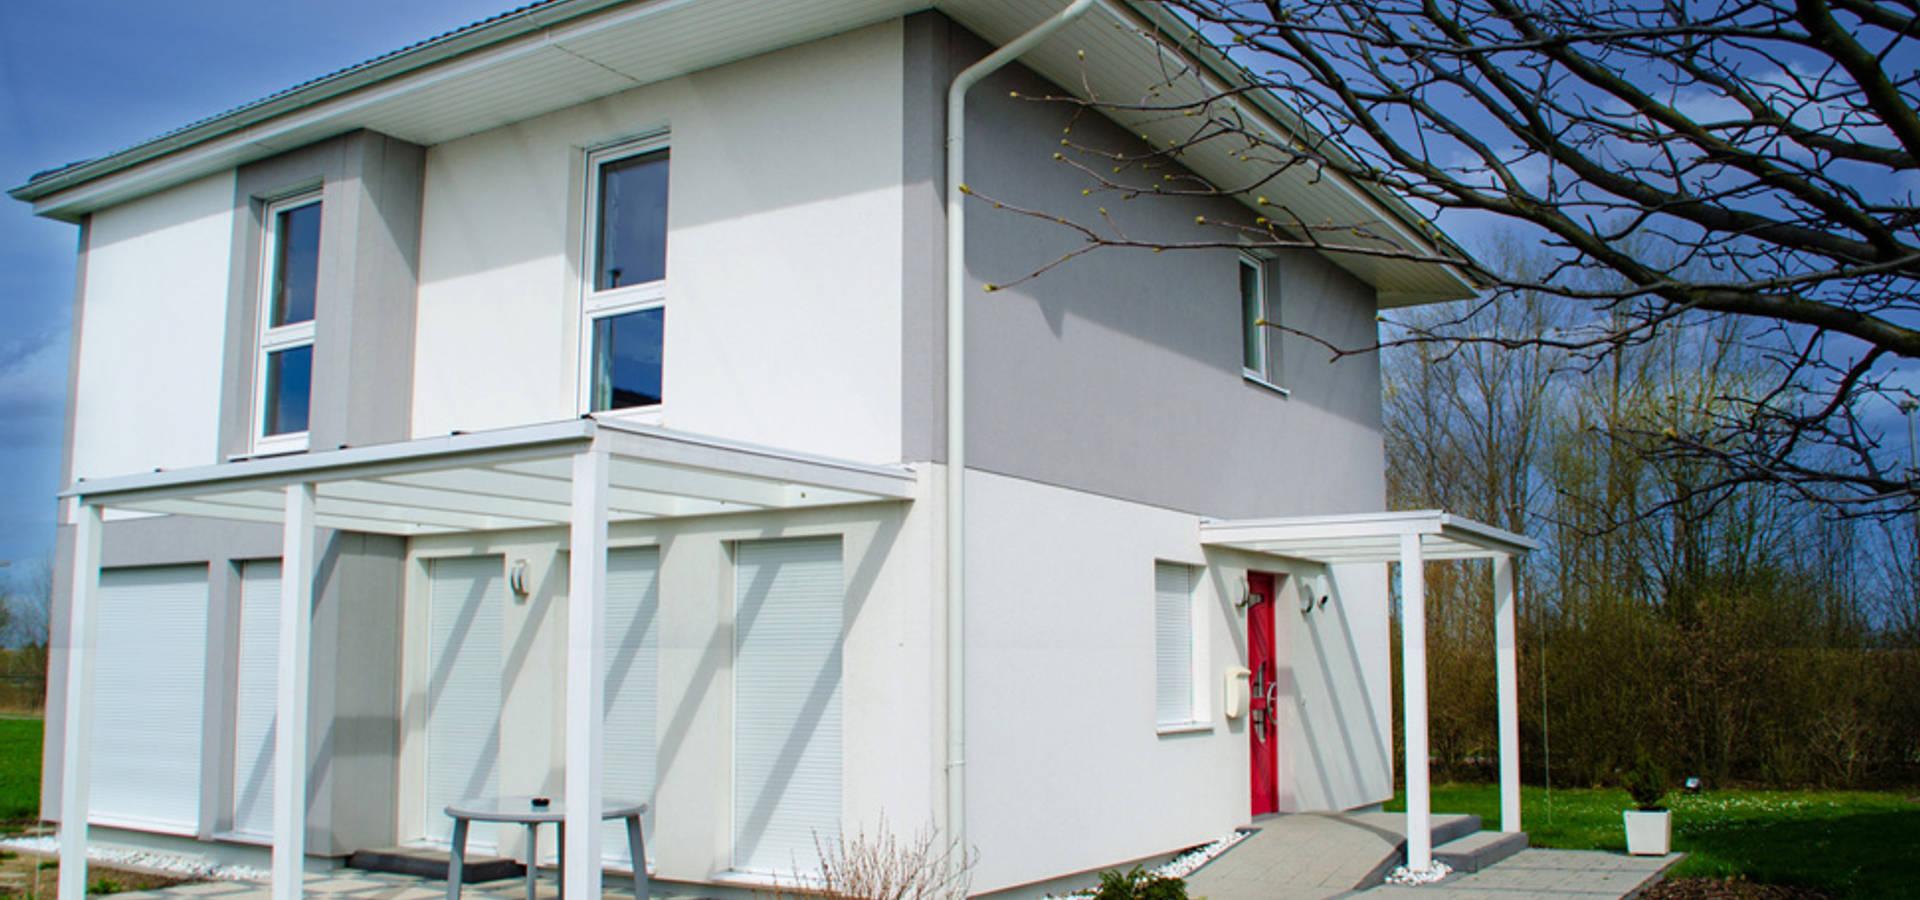 Encon baugesellschaft mbh neubau einfamilienhaus in for Einfamilienhaus falkensee